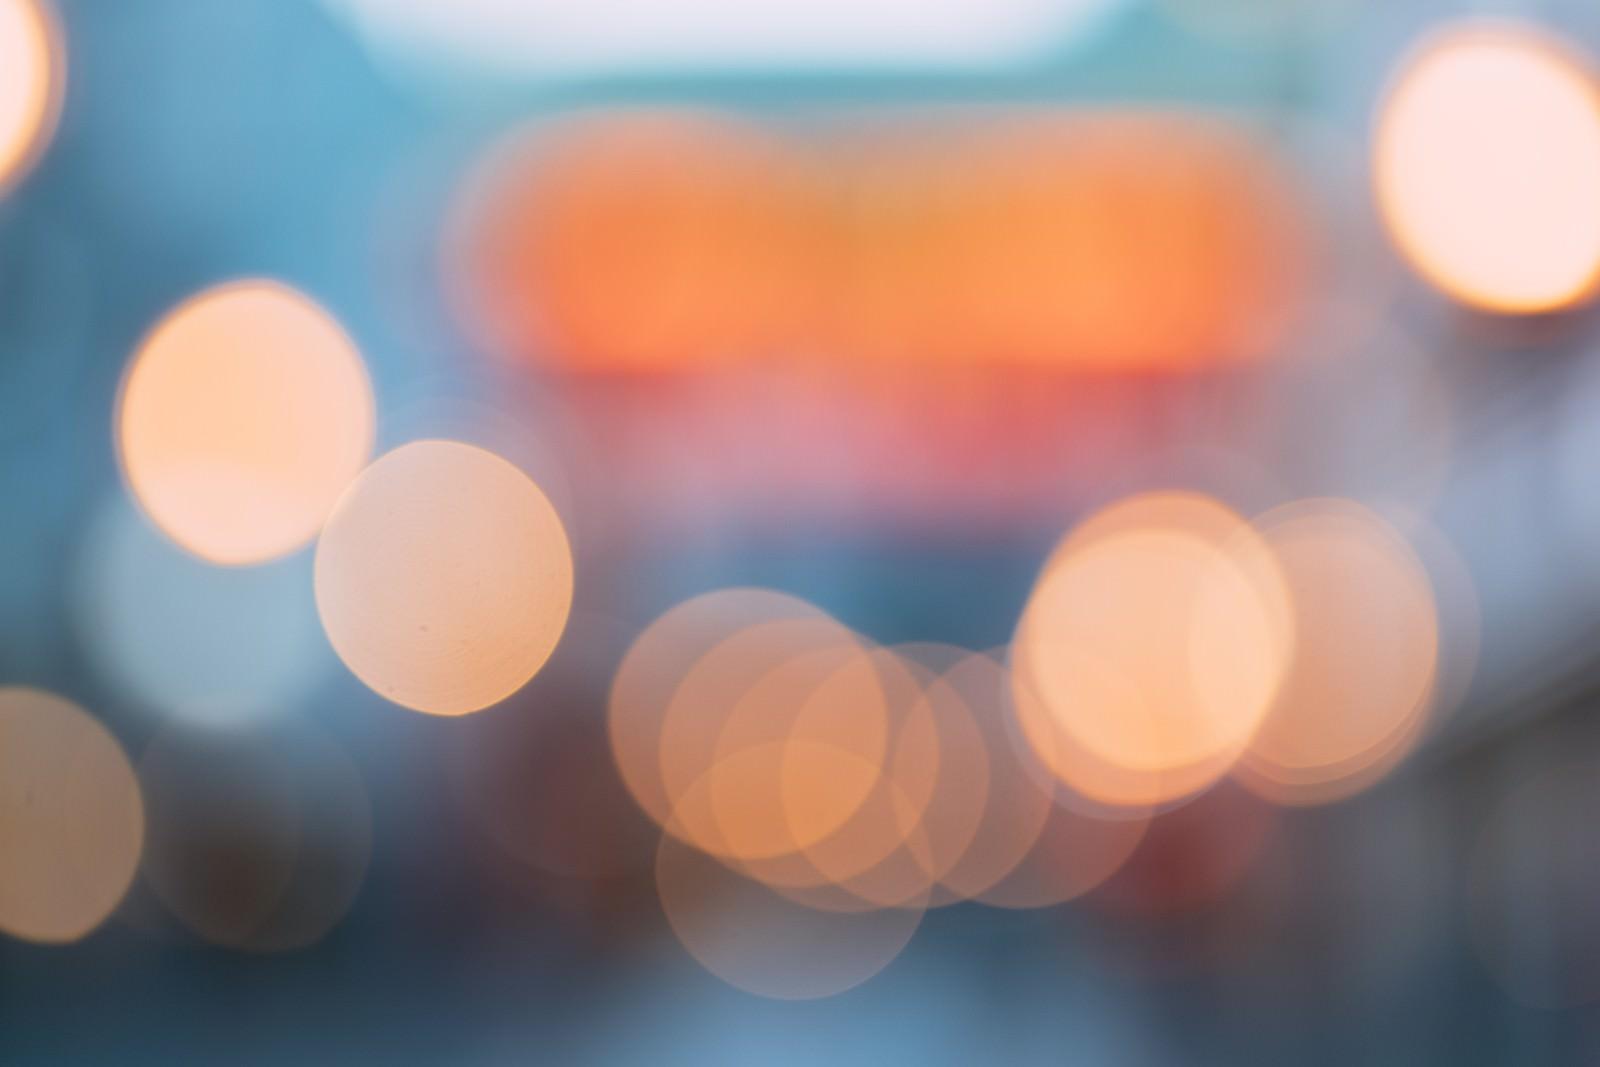 「オレンジ色の煌めく玉ボケ」の写真